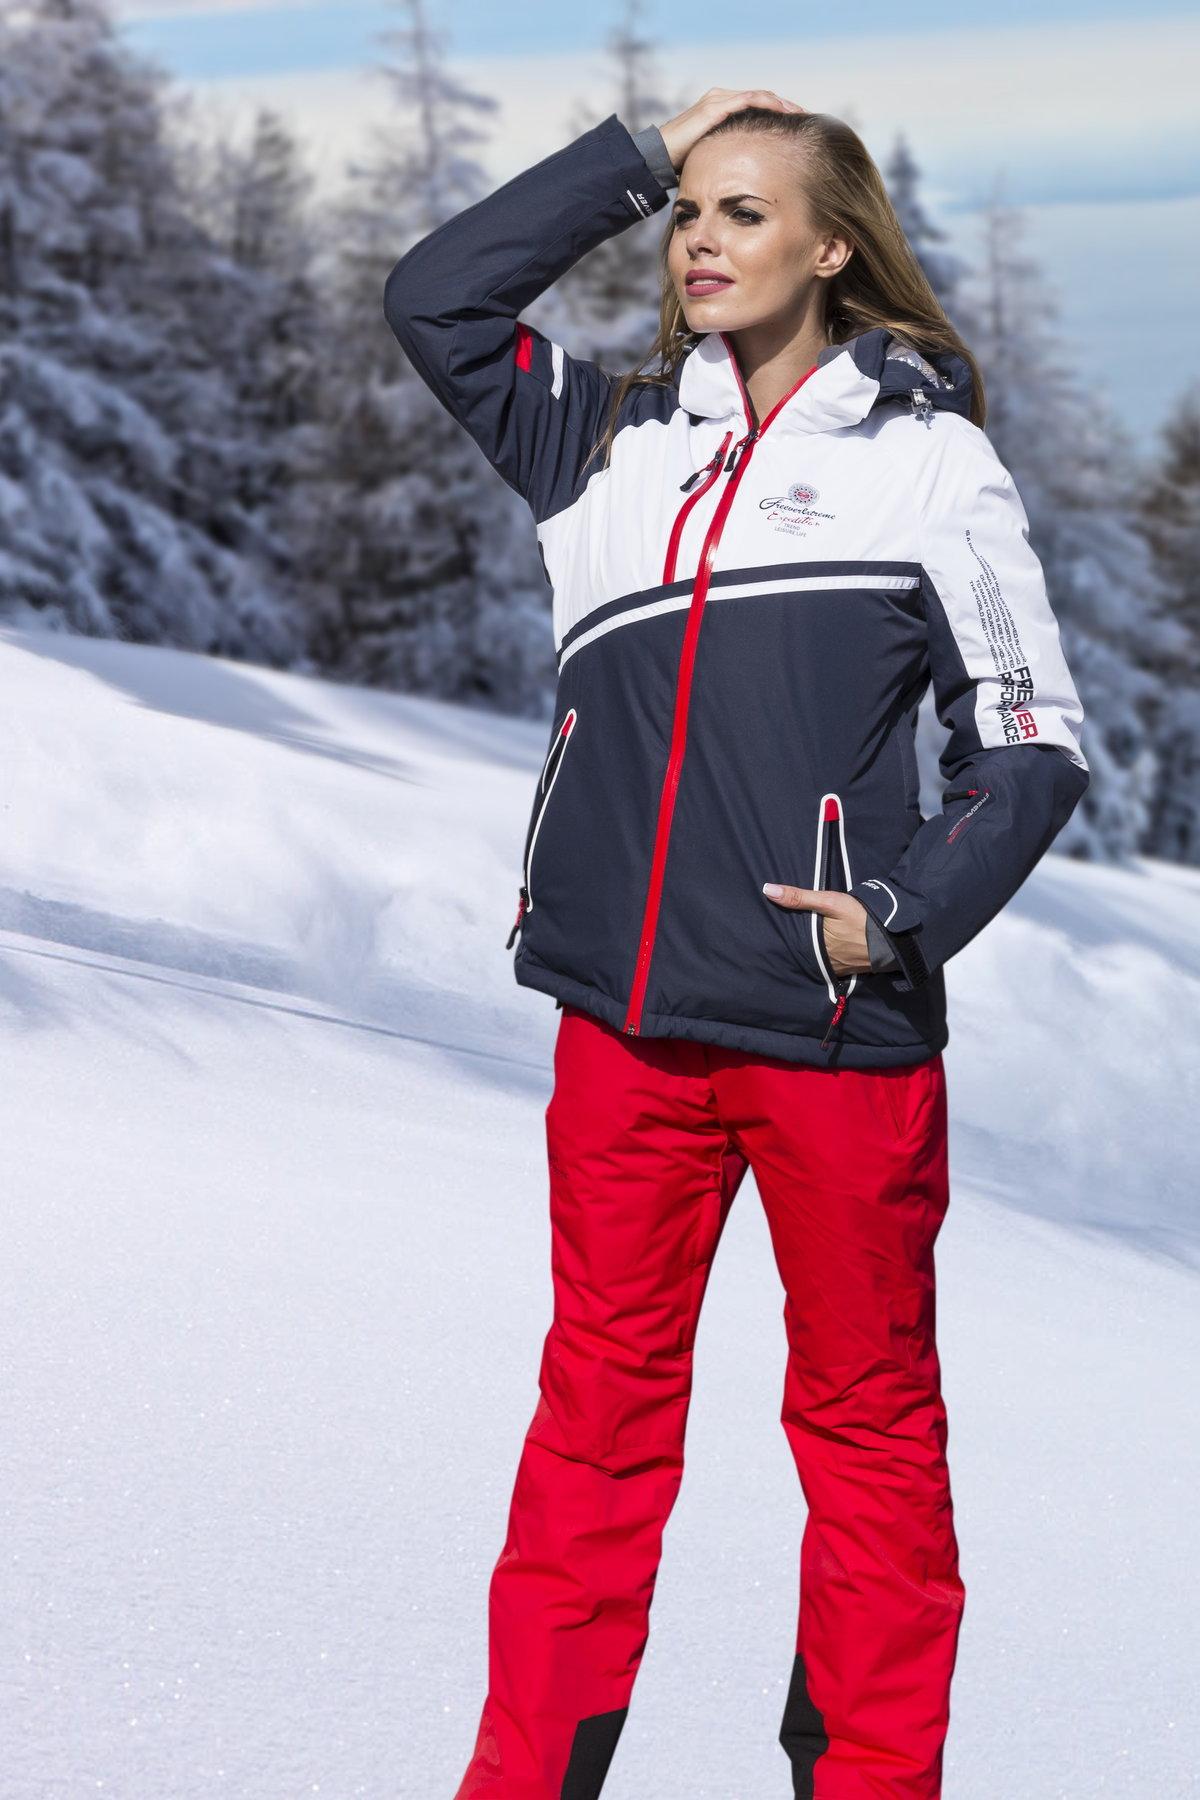 чиройли обувь для горнолыжного костюма фото простоты давайте пока